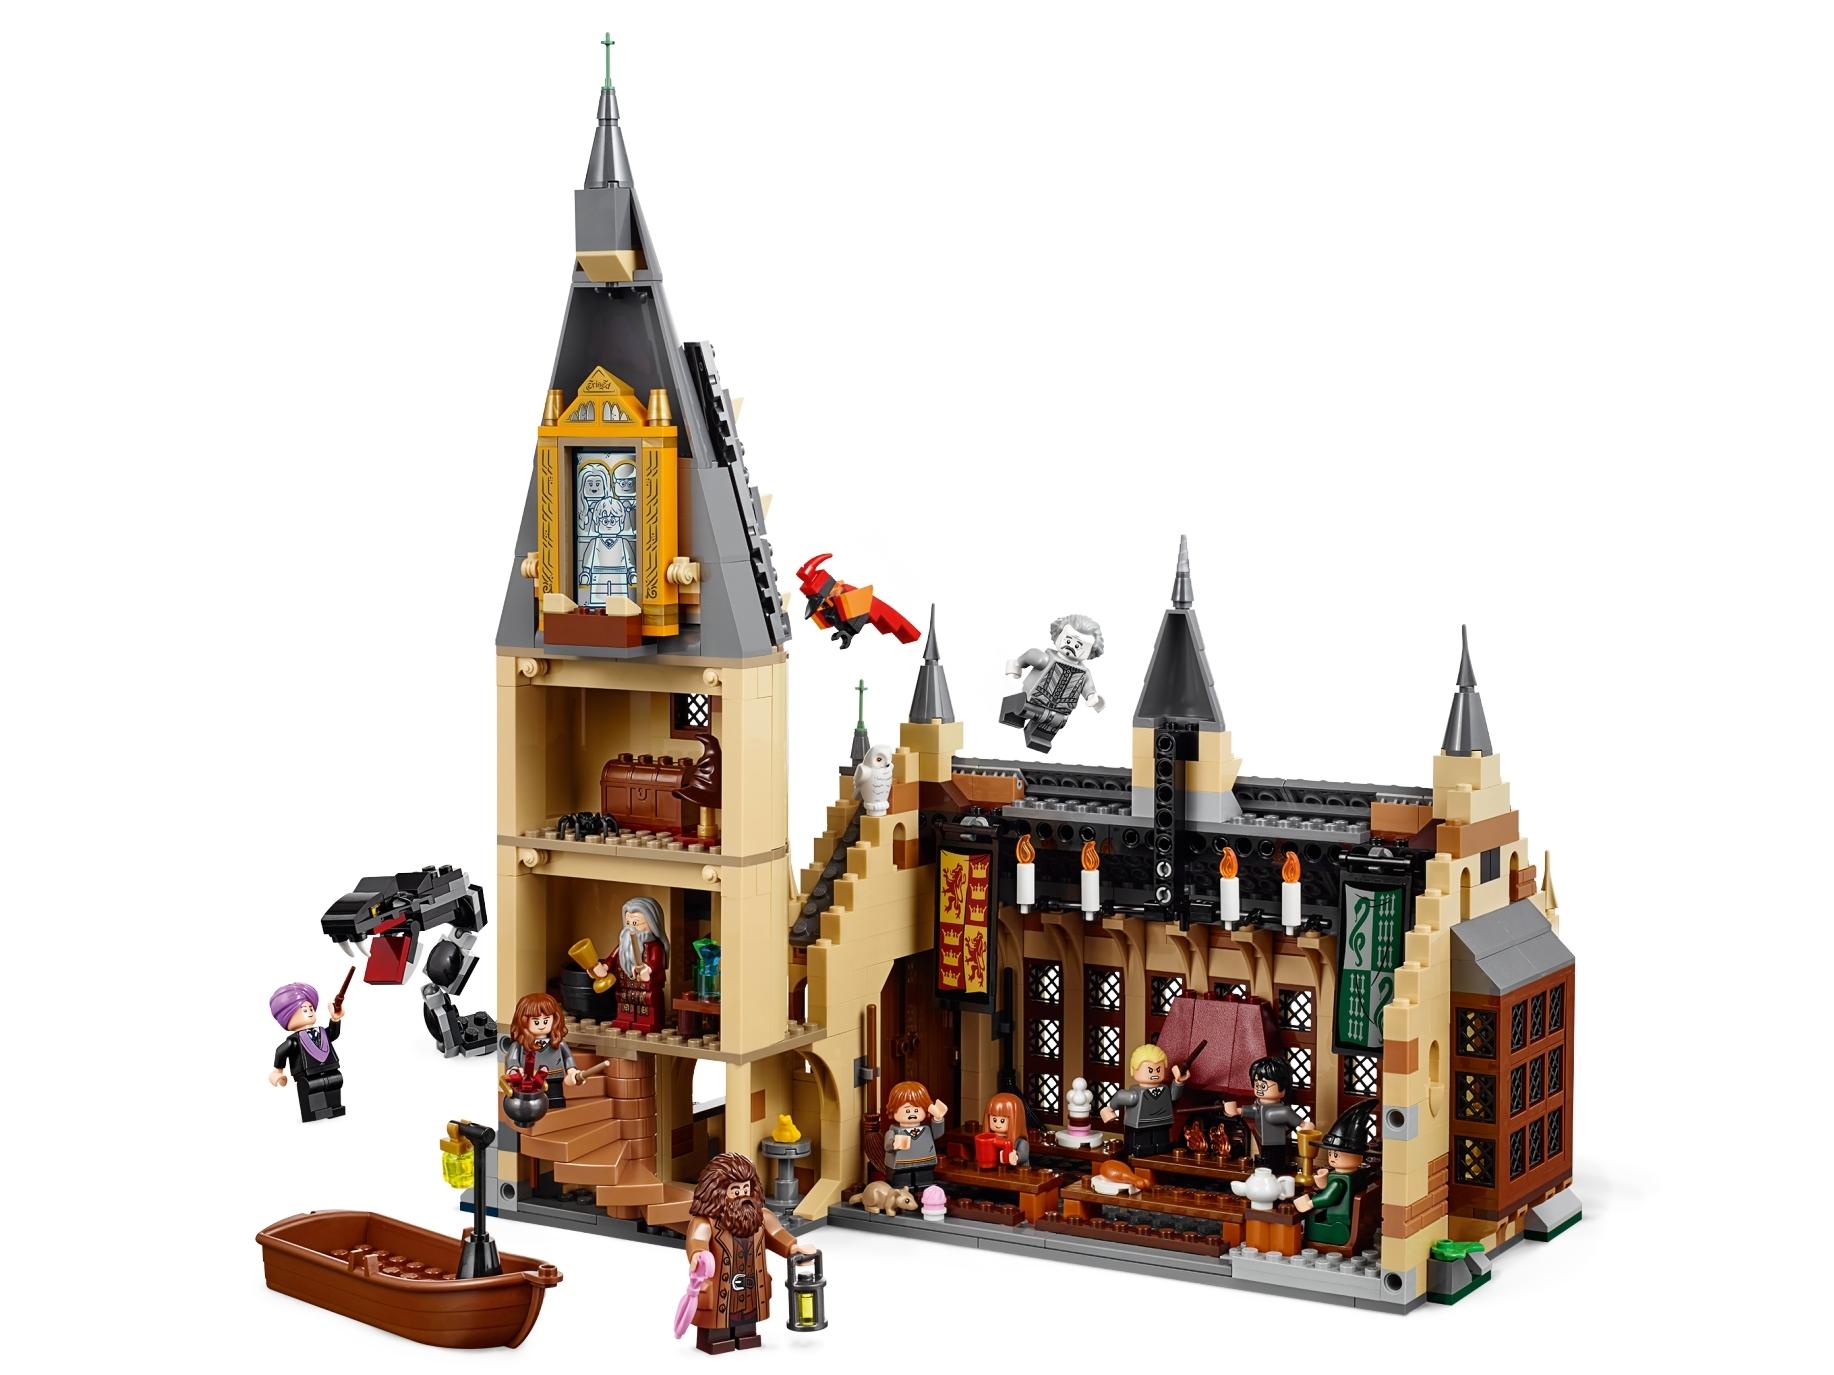 Большой зал Хогвартса 75954   Harry Potter™   LEGO.com RU